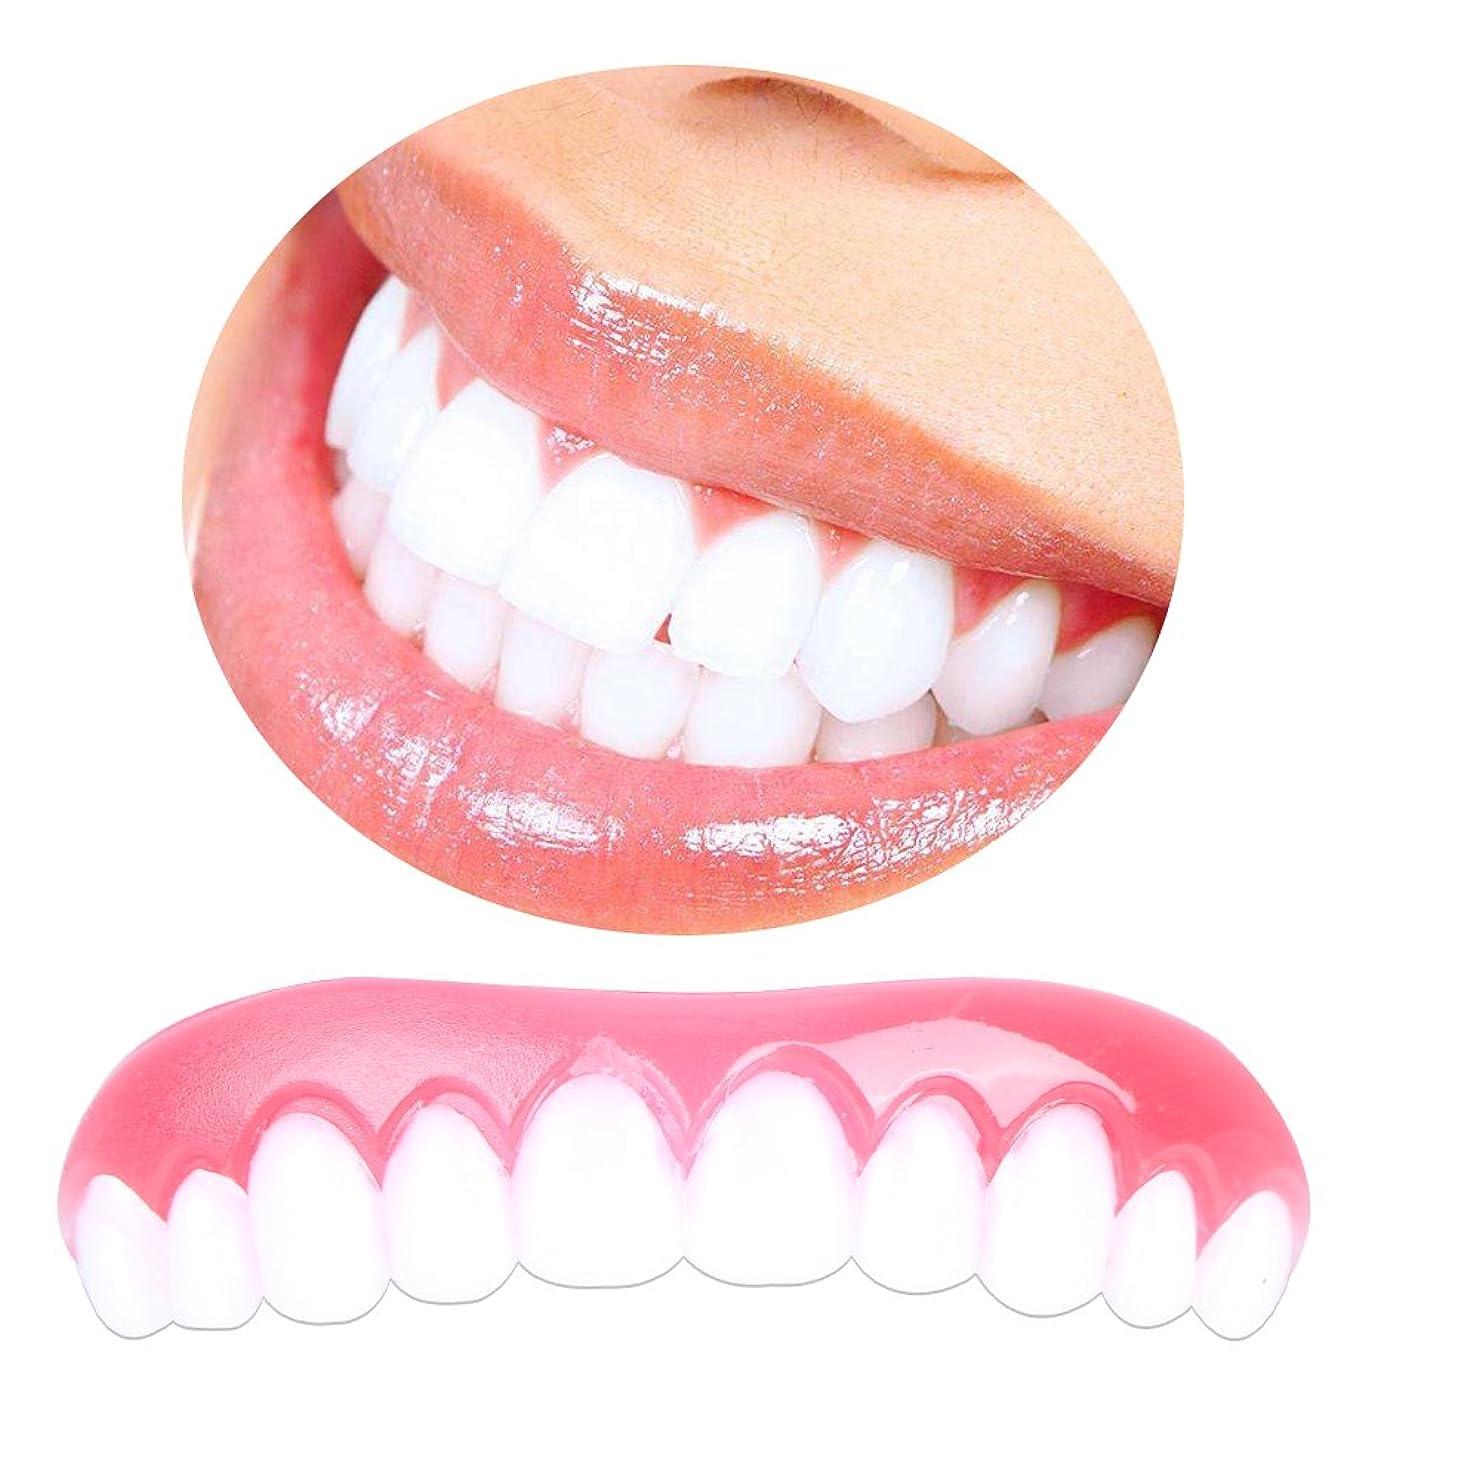 ロビー適合しました超越する2ピースコンフォートフィットフレックス化粧品の歯完璧な笑顔のベニヤダブの歯の修正のための歯の修正のための完璧な笑顔のベニヤの歯のホワイトニング